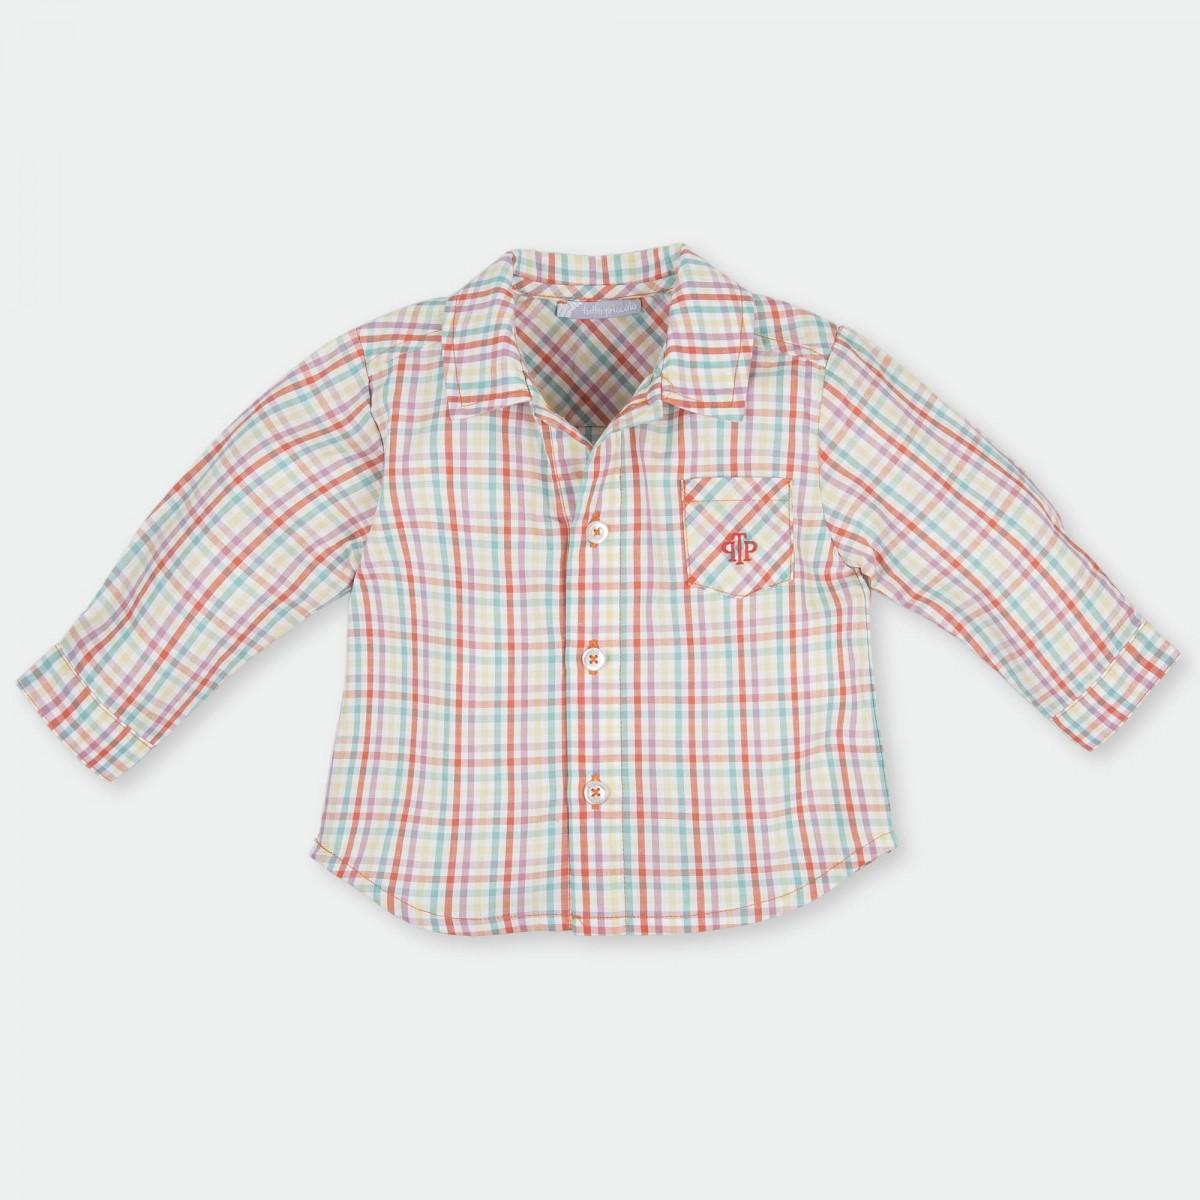 Camisa m/l_2018S17